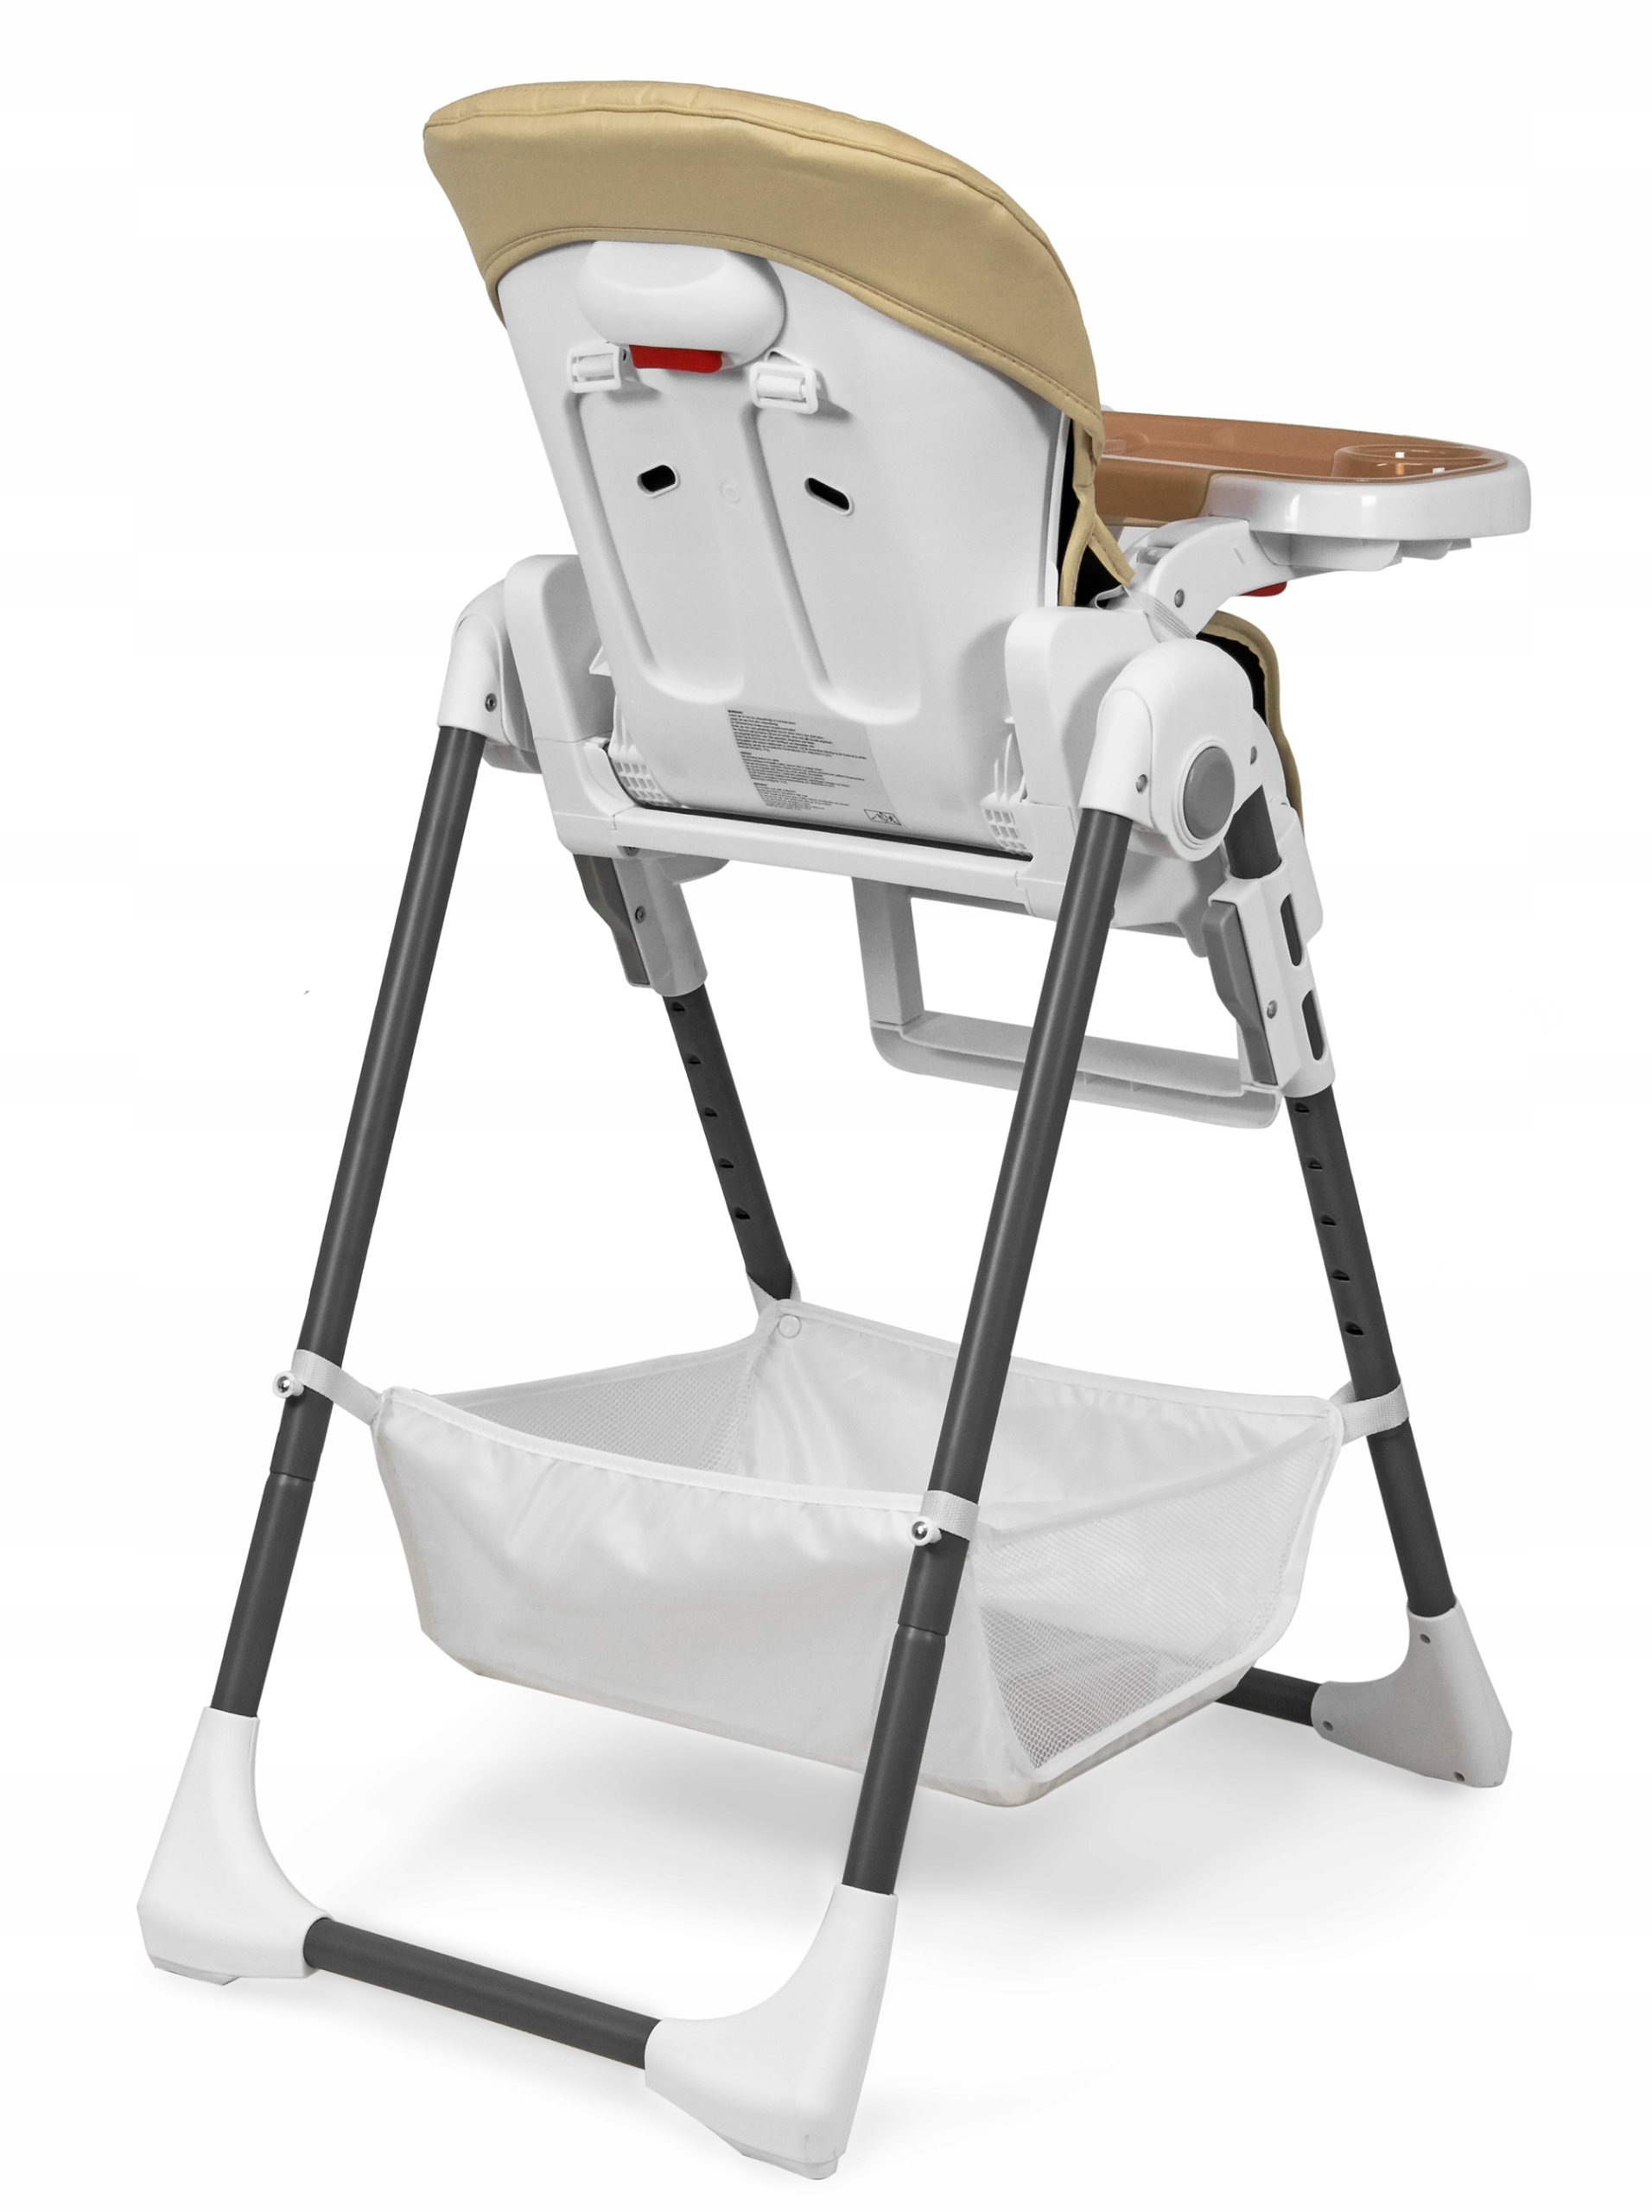 KRZESEŁKO do karmienia SAPPHIRE fotelik regulacja Wysokość produktu 107 cm